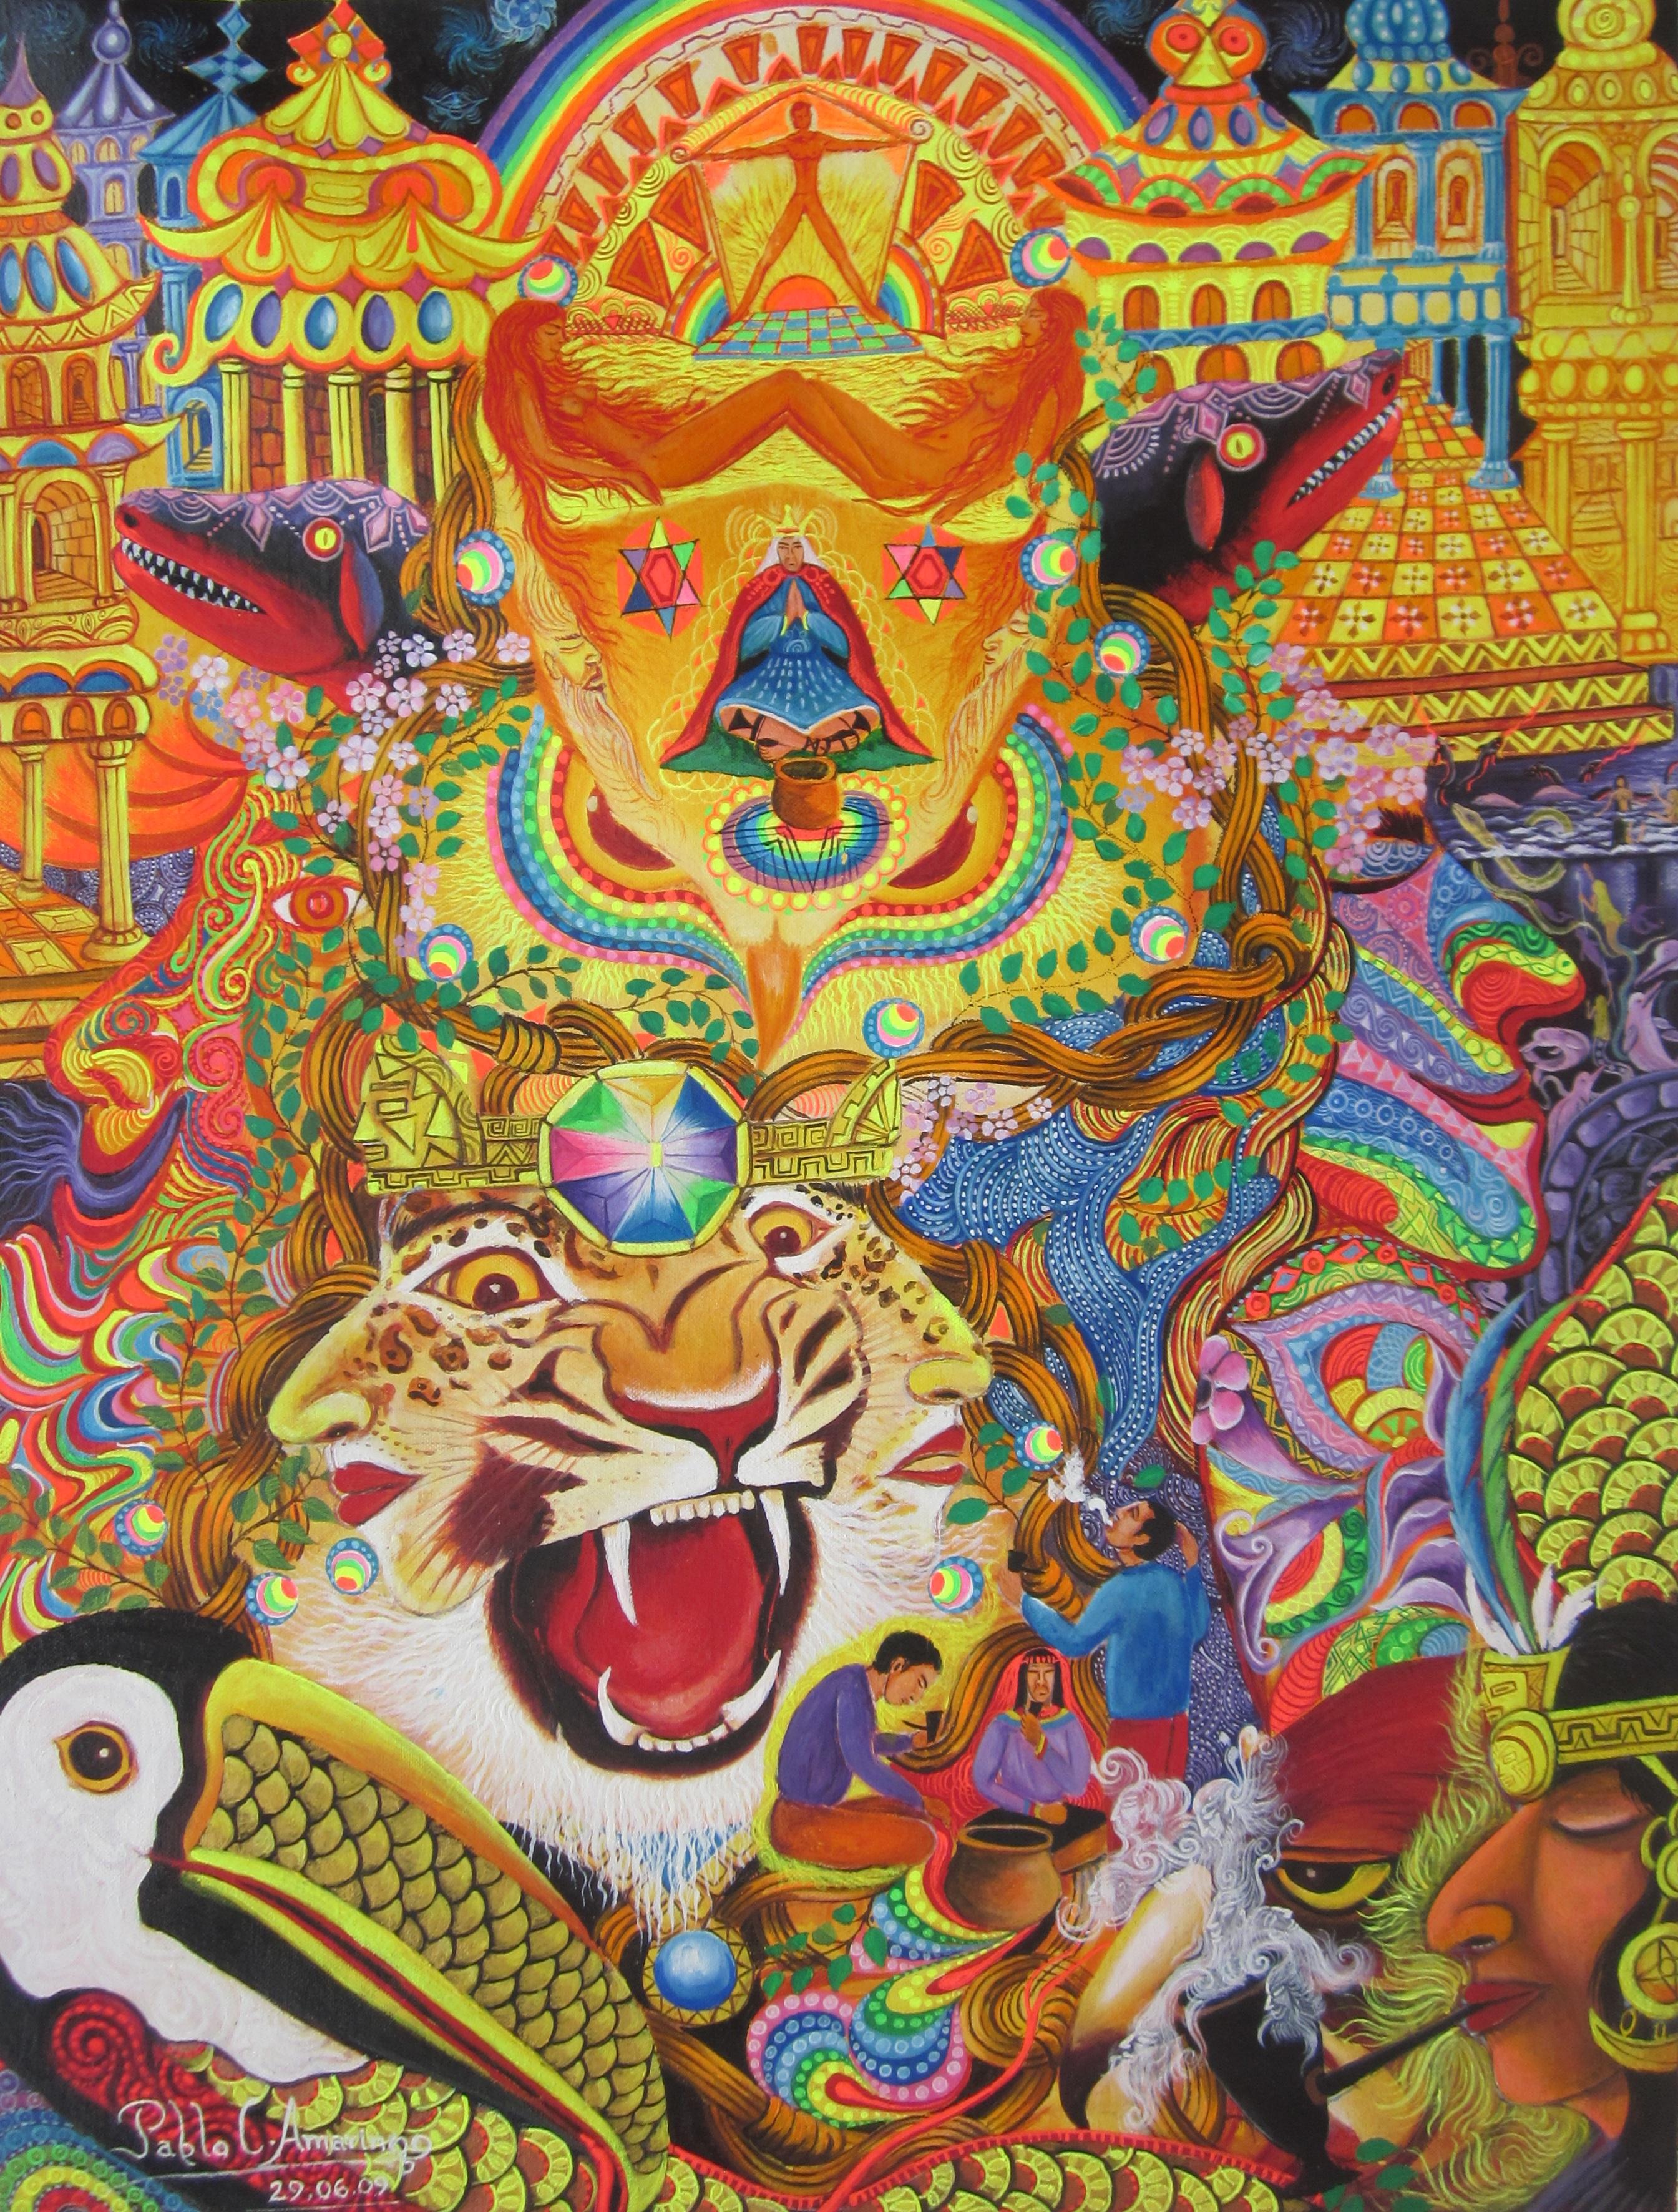 American Dad Phyllis Hentai poderes del banco-puma